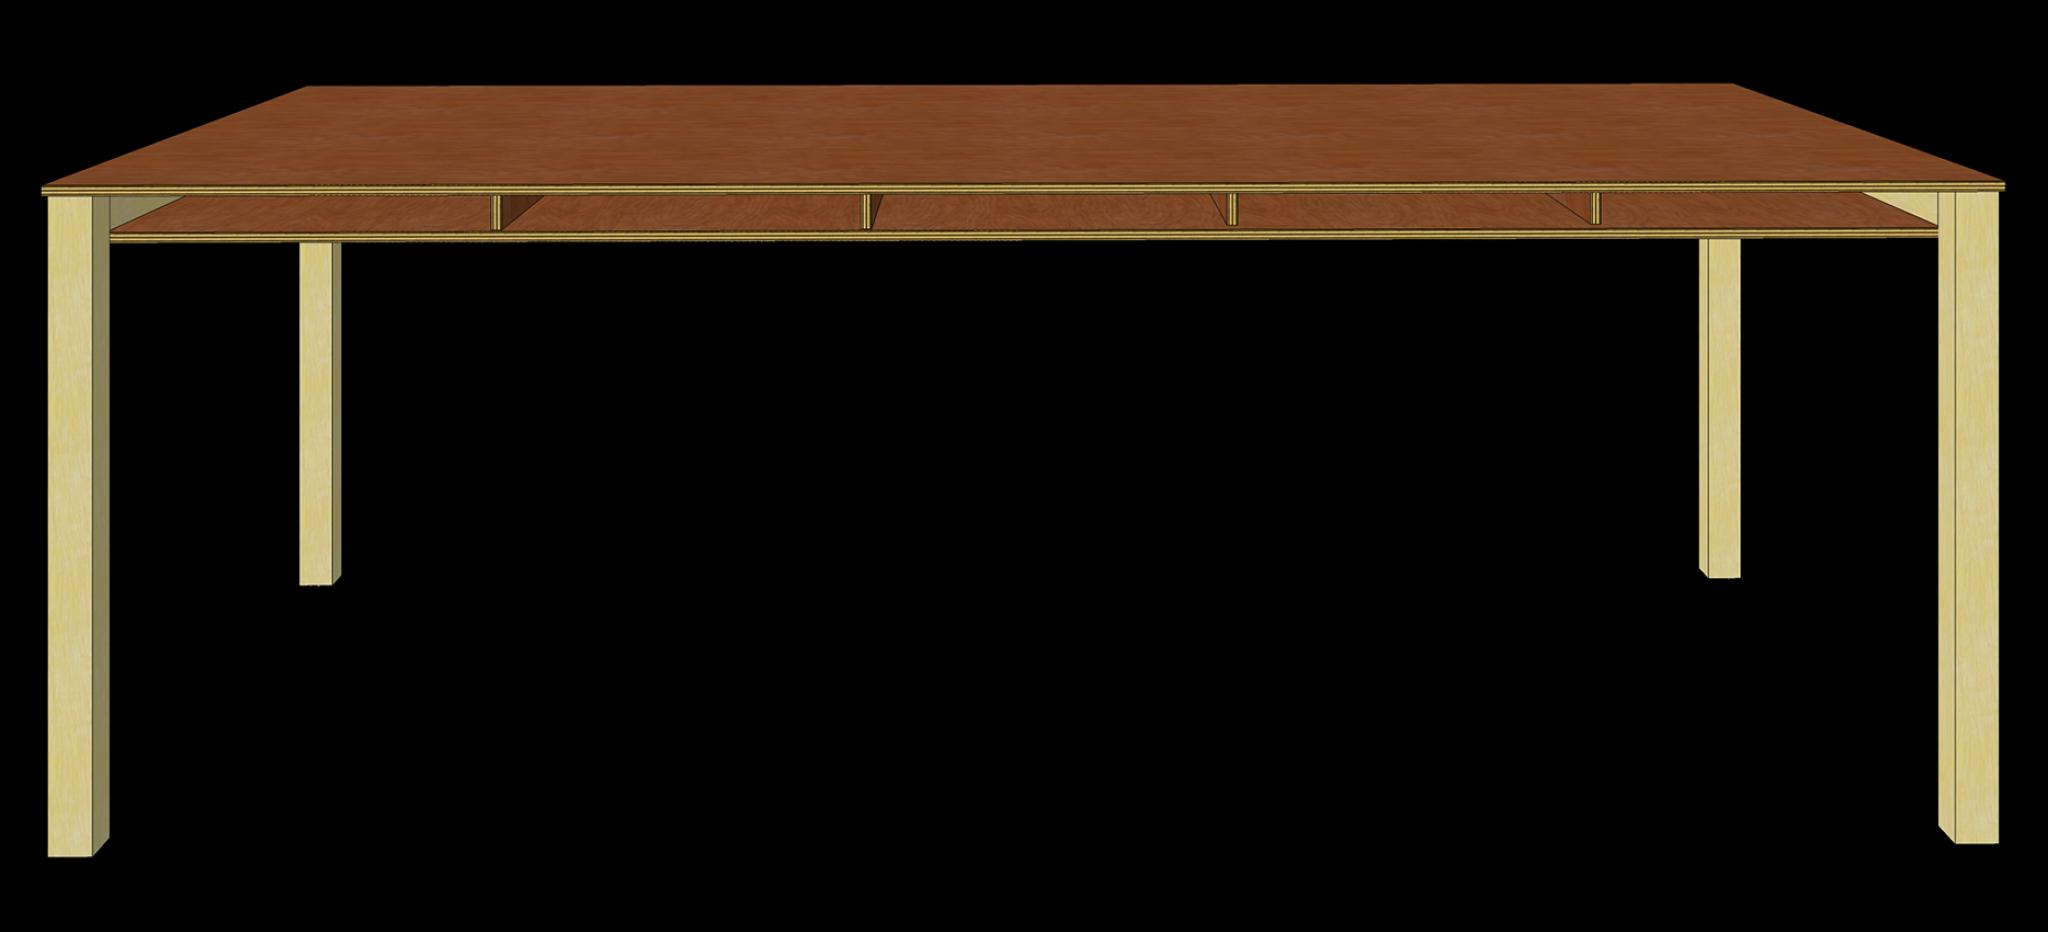 De Ontwerpwerkplaats, Gijs Niemeijer, Floor van Ditzhuyzen, Sandwichtafel, bureau nationale ombudsman, inrichting nationale ombudman, gijs niemeijer, sandwichtafel, tafel ontwerp, meubelontwerp, bureau nationale ombudsman, inrichting nationale ombudman, gijs niemeijer, sandwichtafel, ontwerp tafel, grote tafel